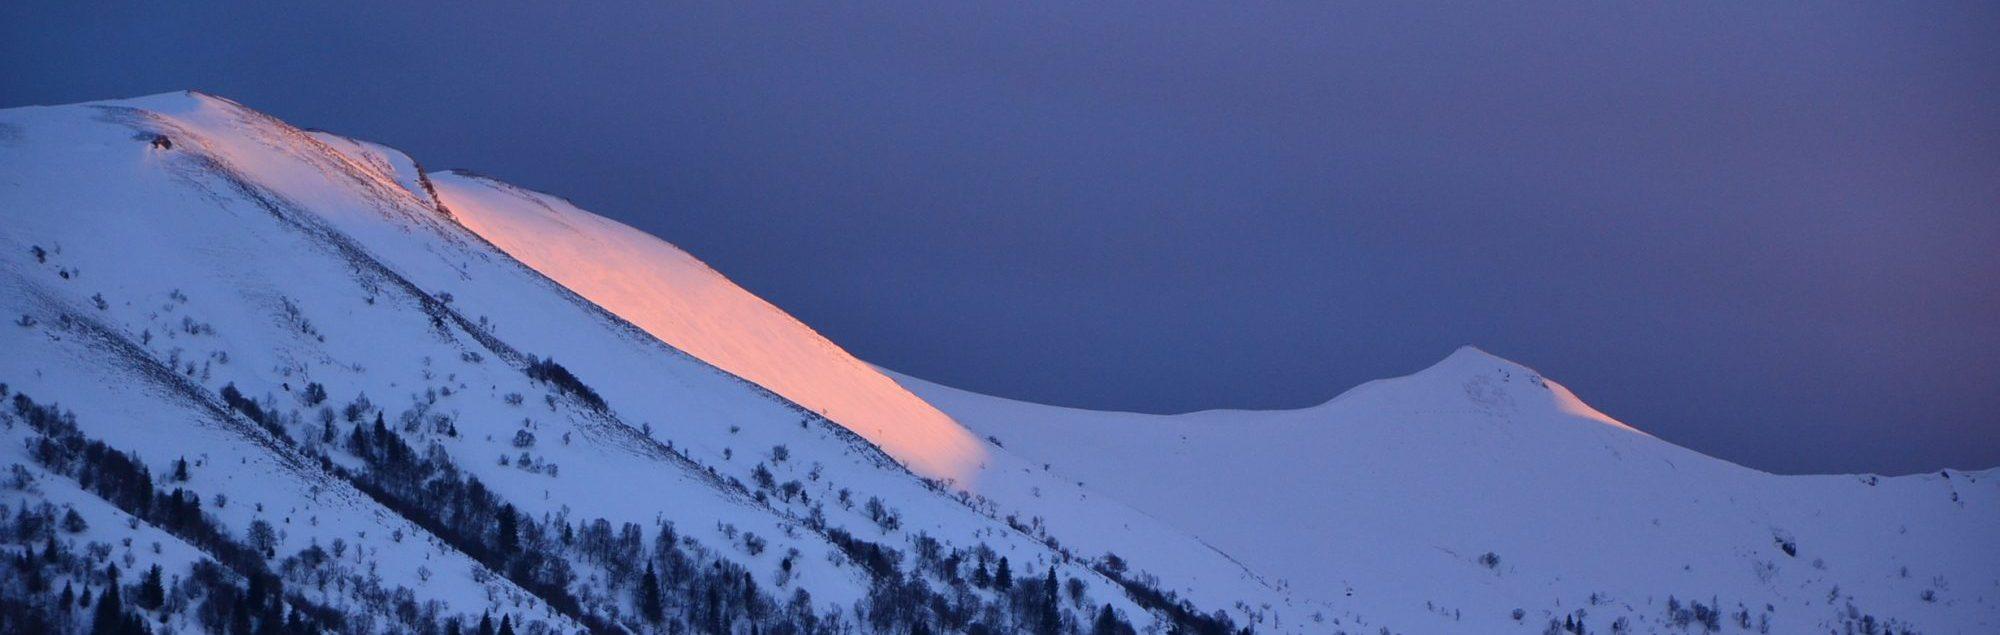 Incroyable coucher de soleil sur les crêtes. Photo ©Alta Terra